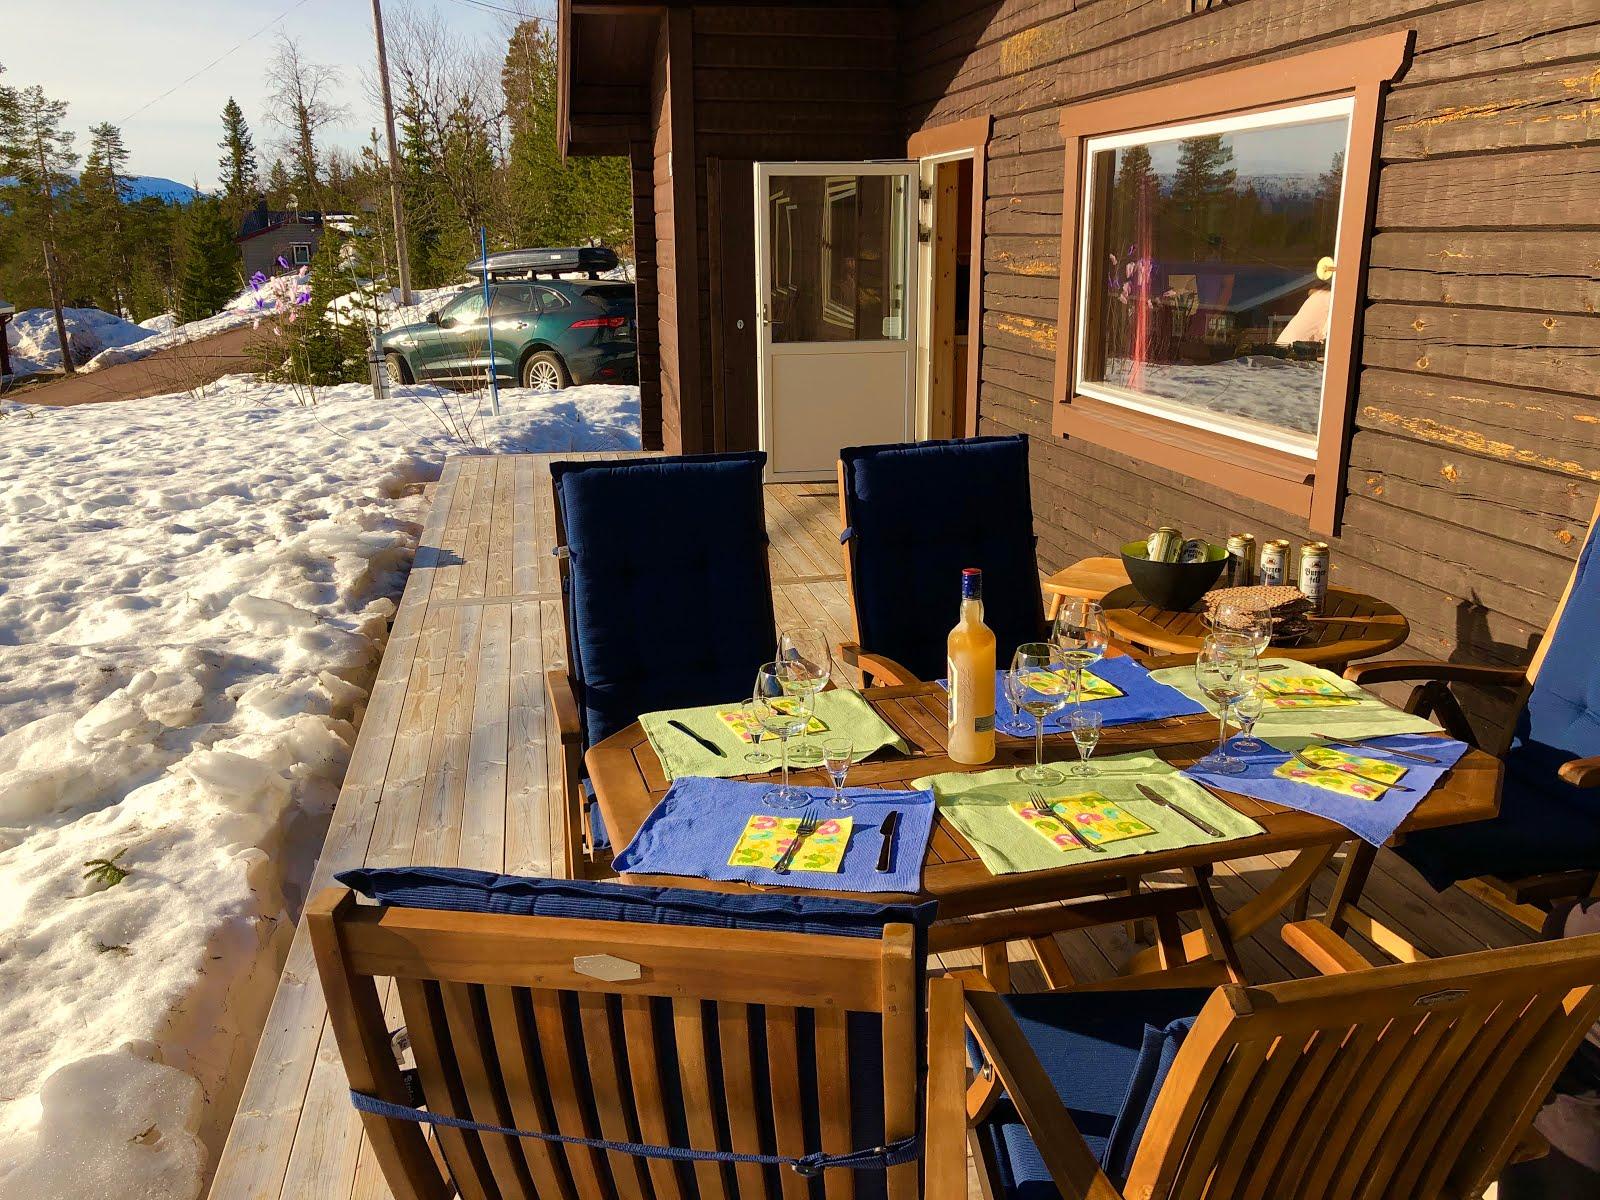 Middag på altanen i solen